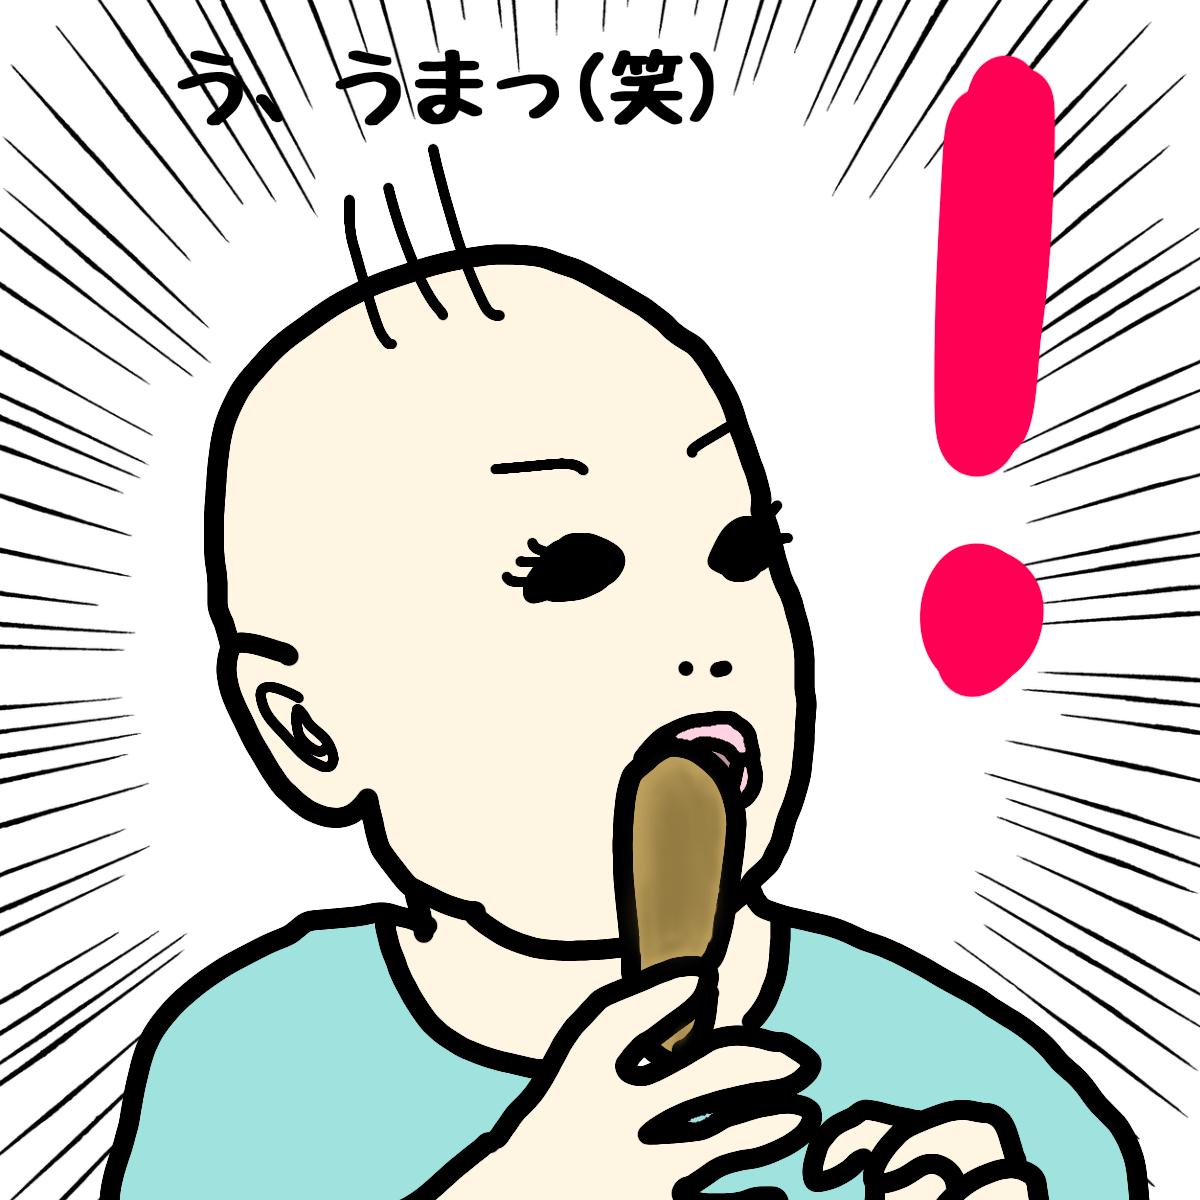 赤ちゃんのおしゃぶーを食べてびっくりする顔をしている